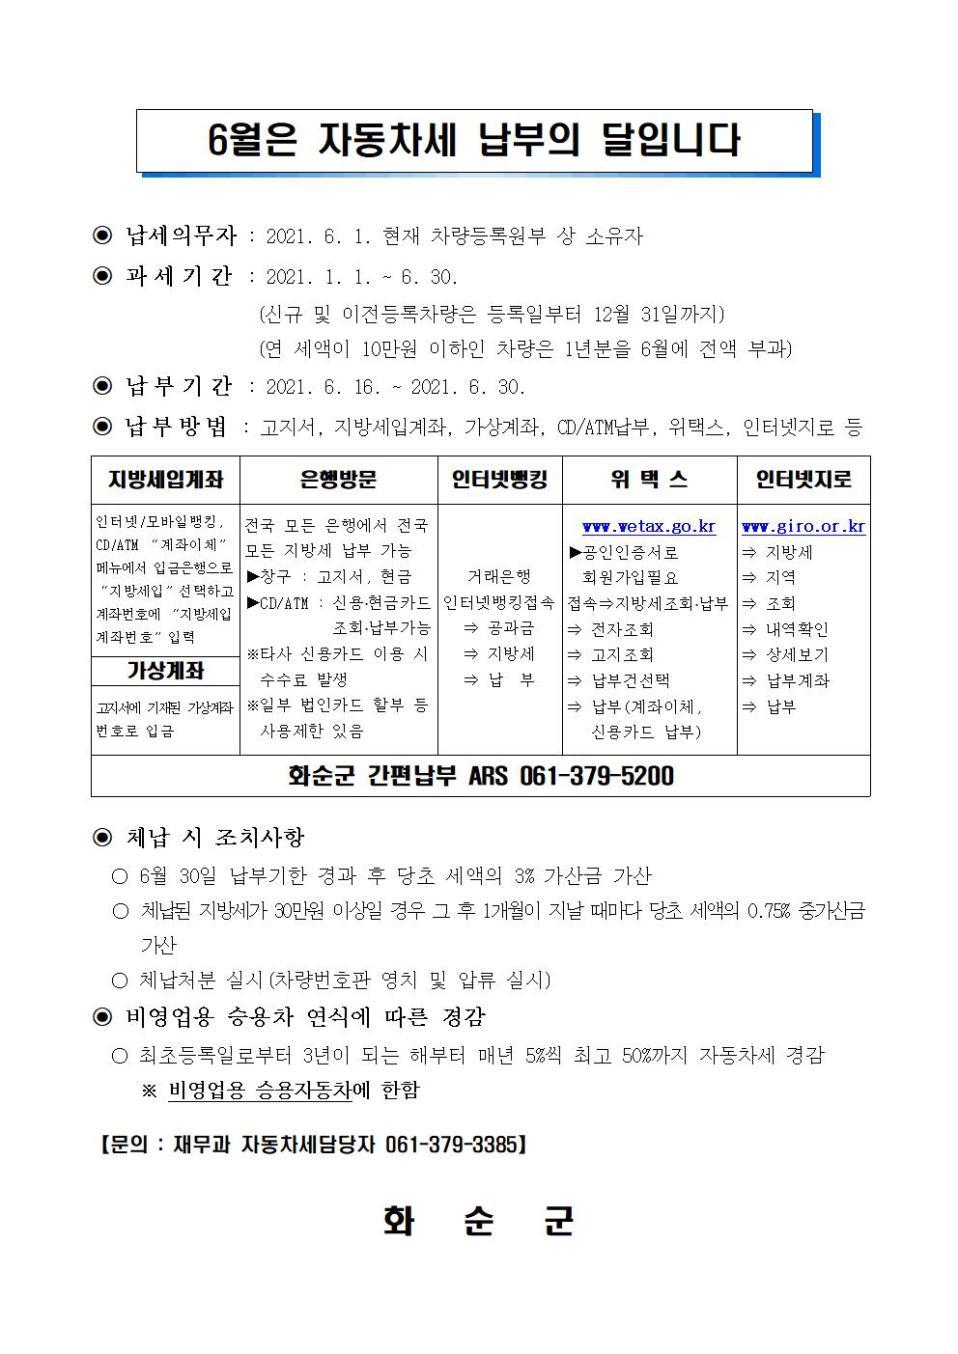 자동차세 납부 홍보문